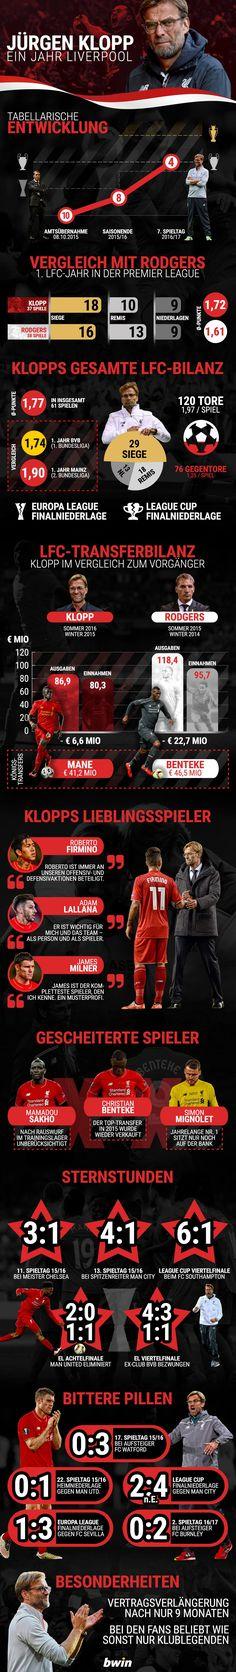 Jürgen Klopp und der FC Liverpool